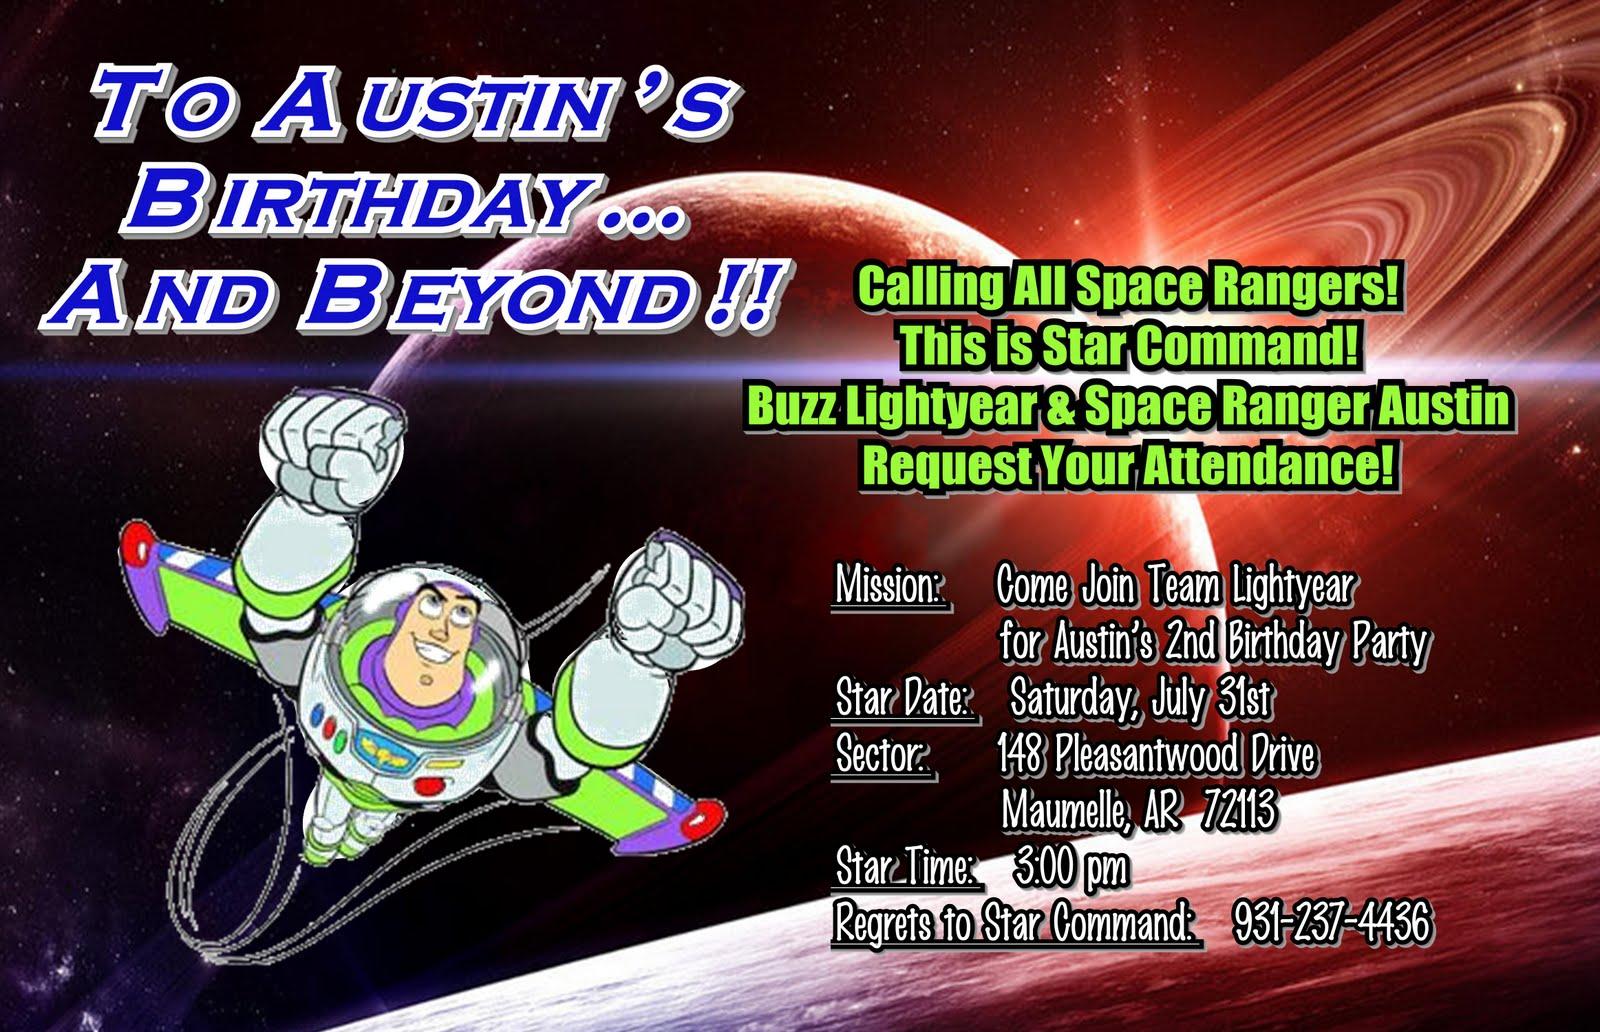 http://4.bp.blogspot.com/_6G0B1HLBZ5o/TE75LRpiMNI/AAAAAAAAAjw/IF4k4h1bETU/s1600/BI+-+Buzz+Lightyear+2.jpg